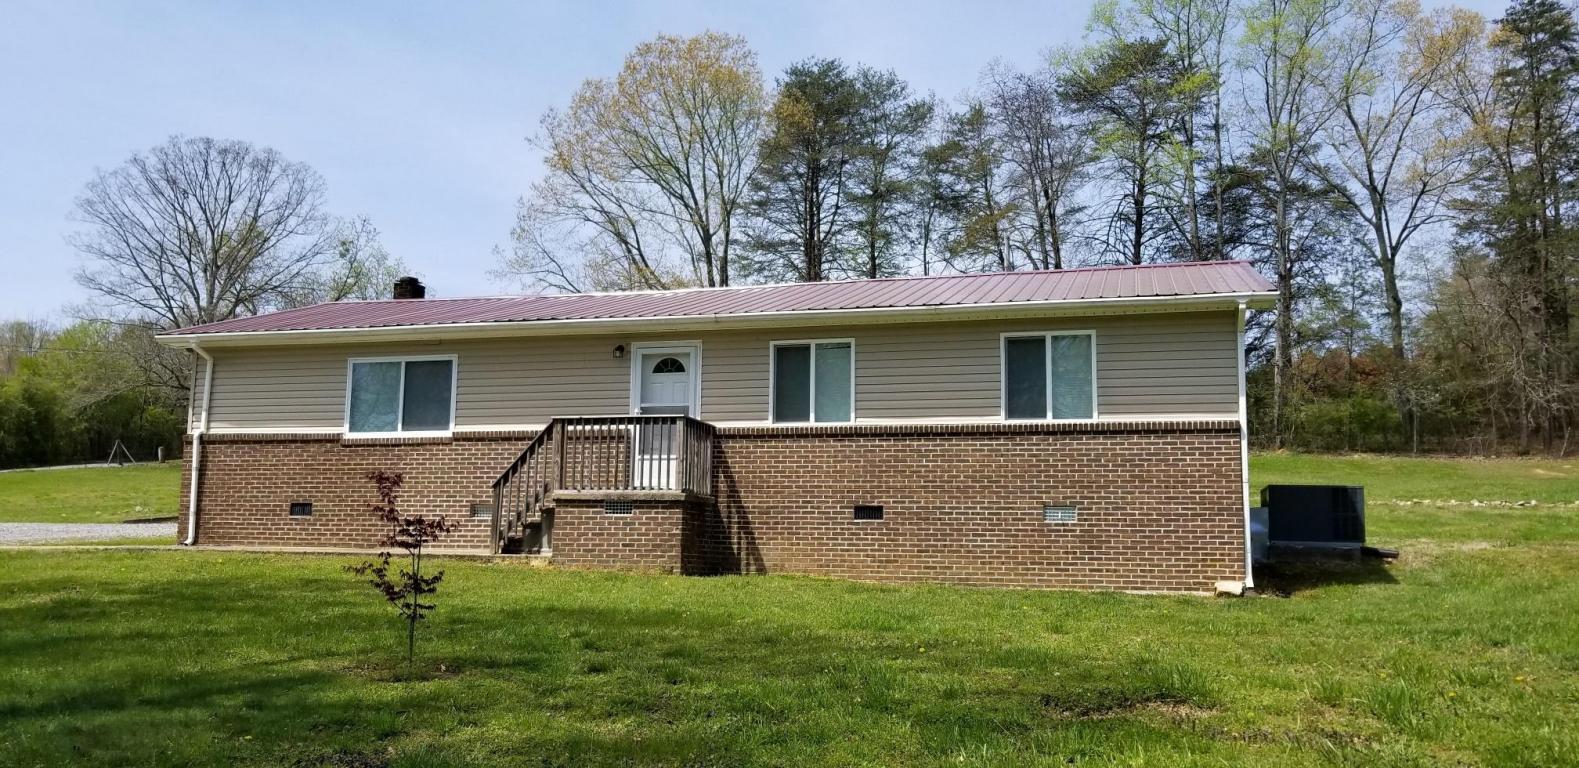 95 Pickett Cross Rd, Whitwell, TN 37397